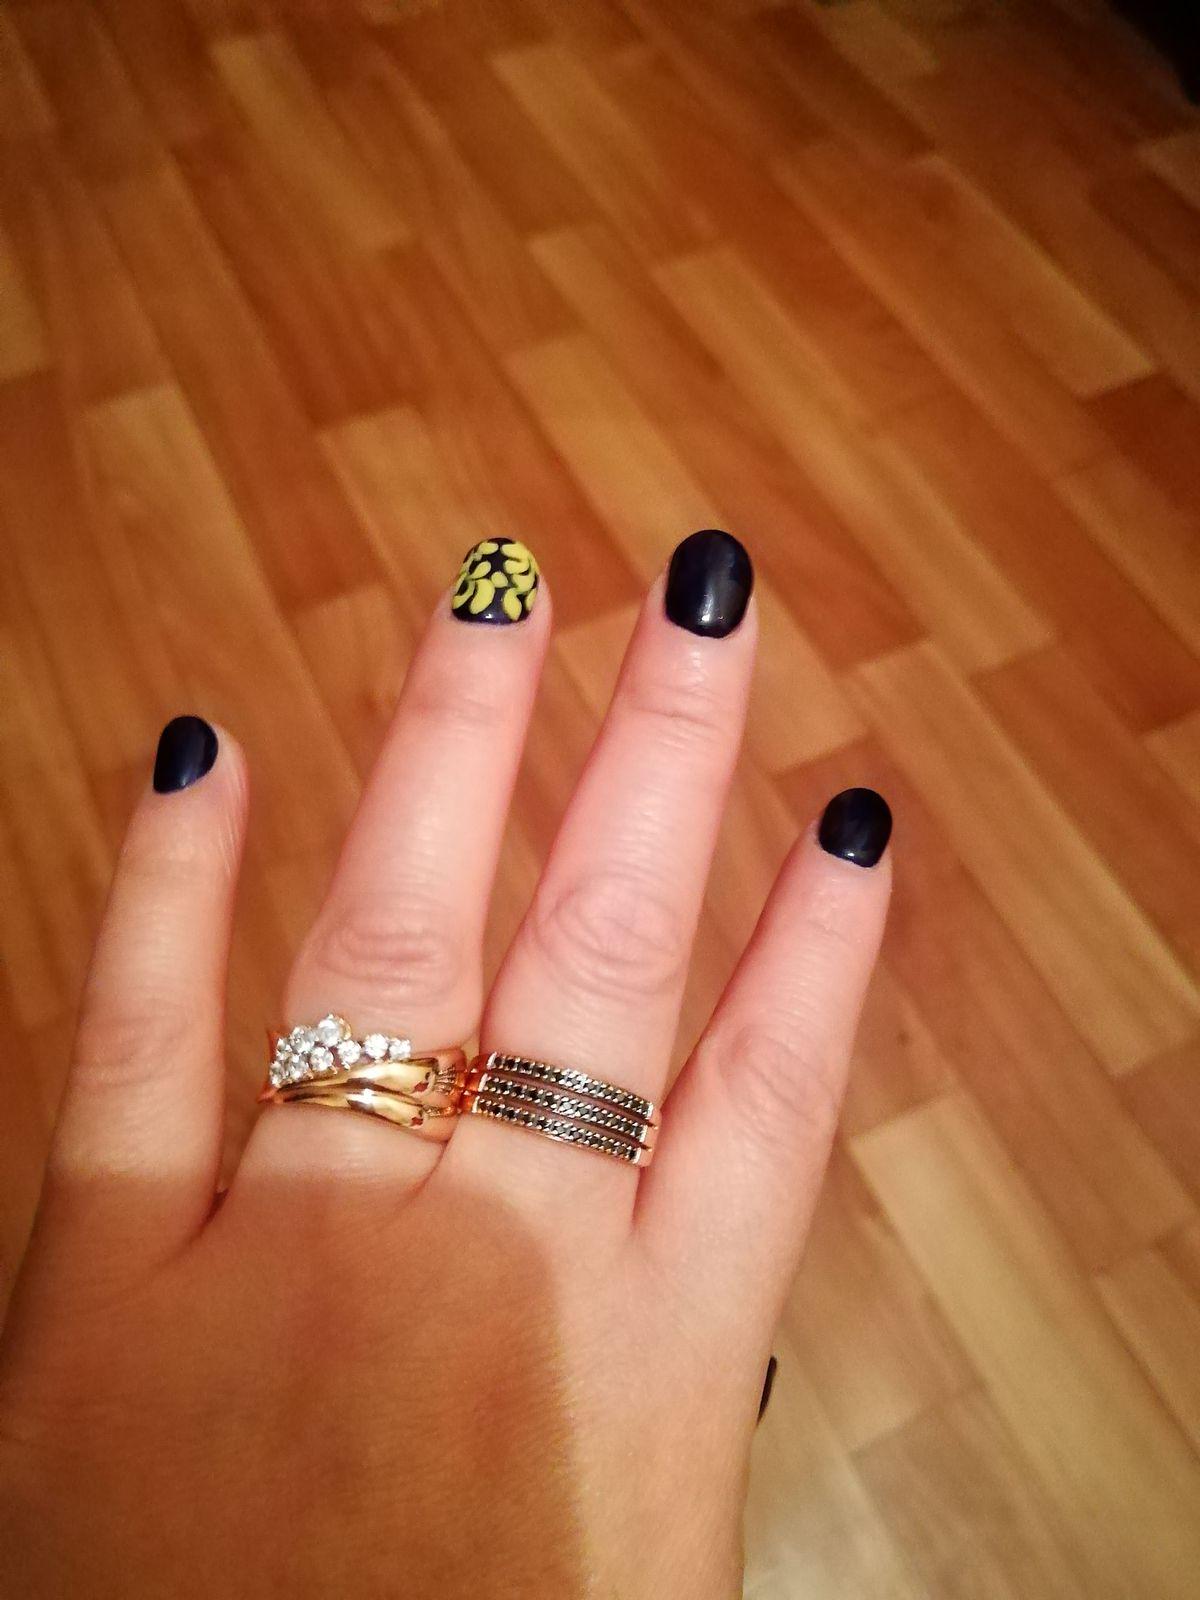 Шикарное кольцо! Мне очень нравится золото, но это просто красота!